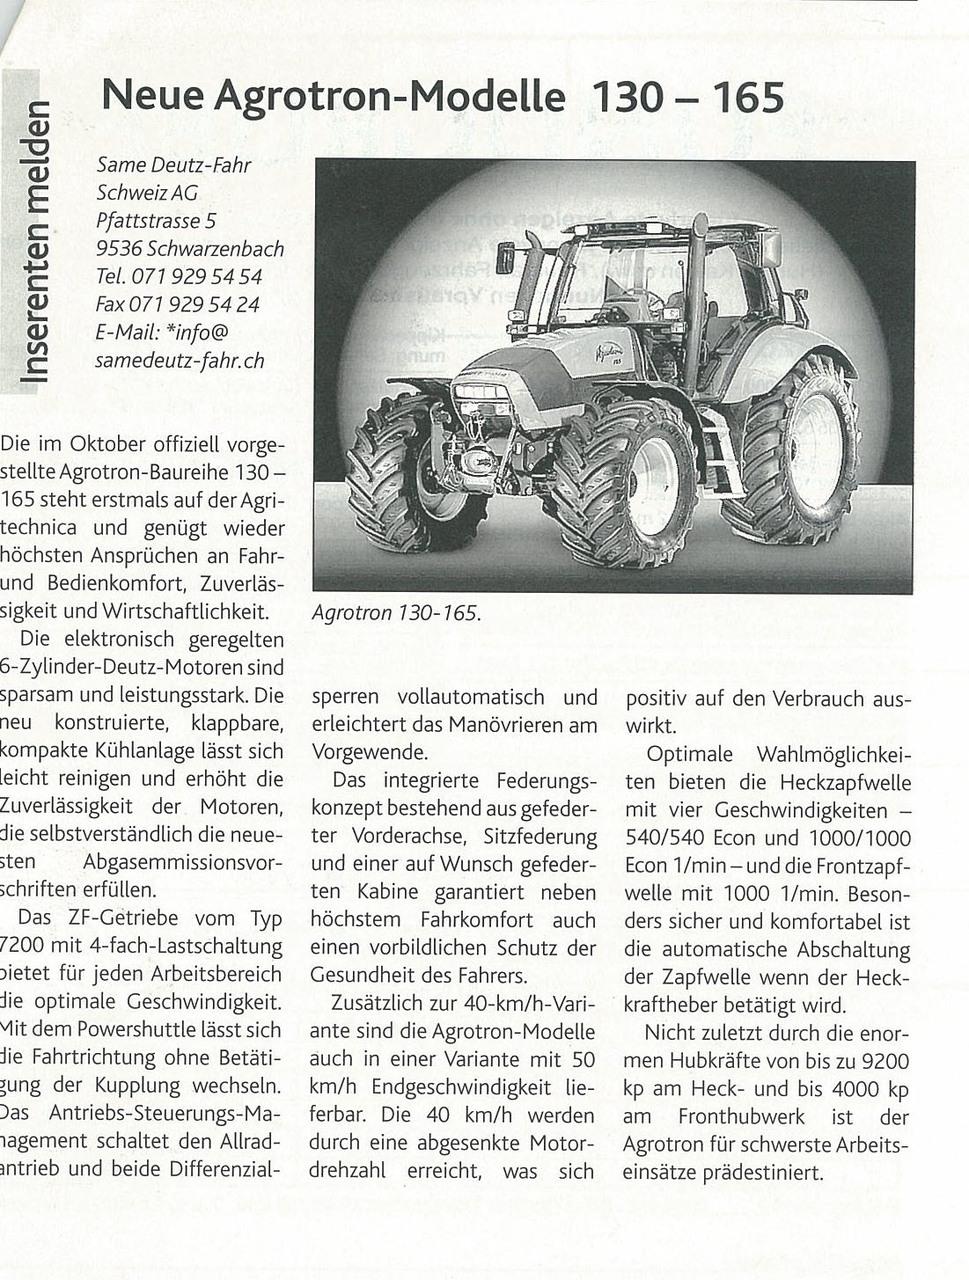 Neue Agrotron -Modelle 130-165